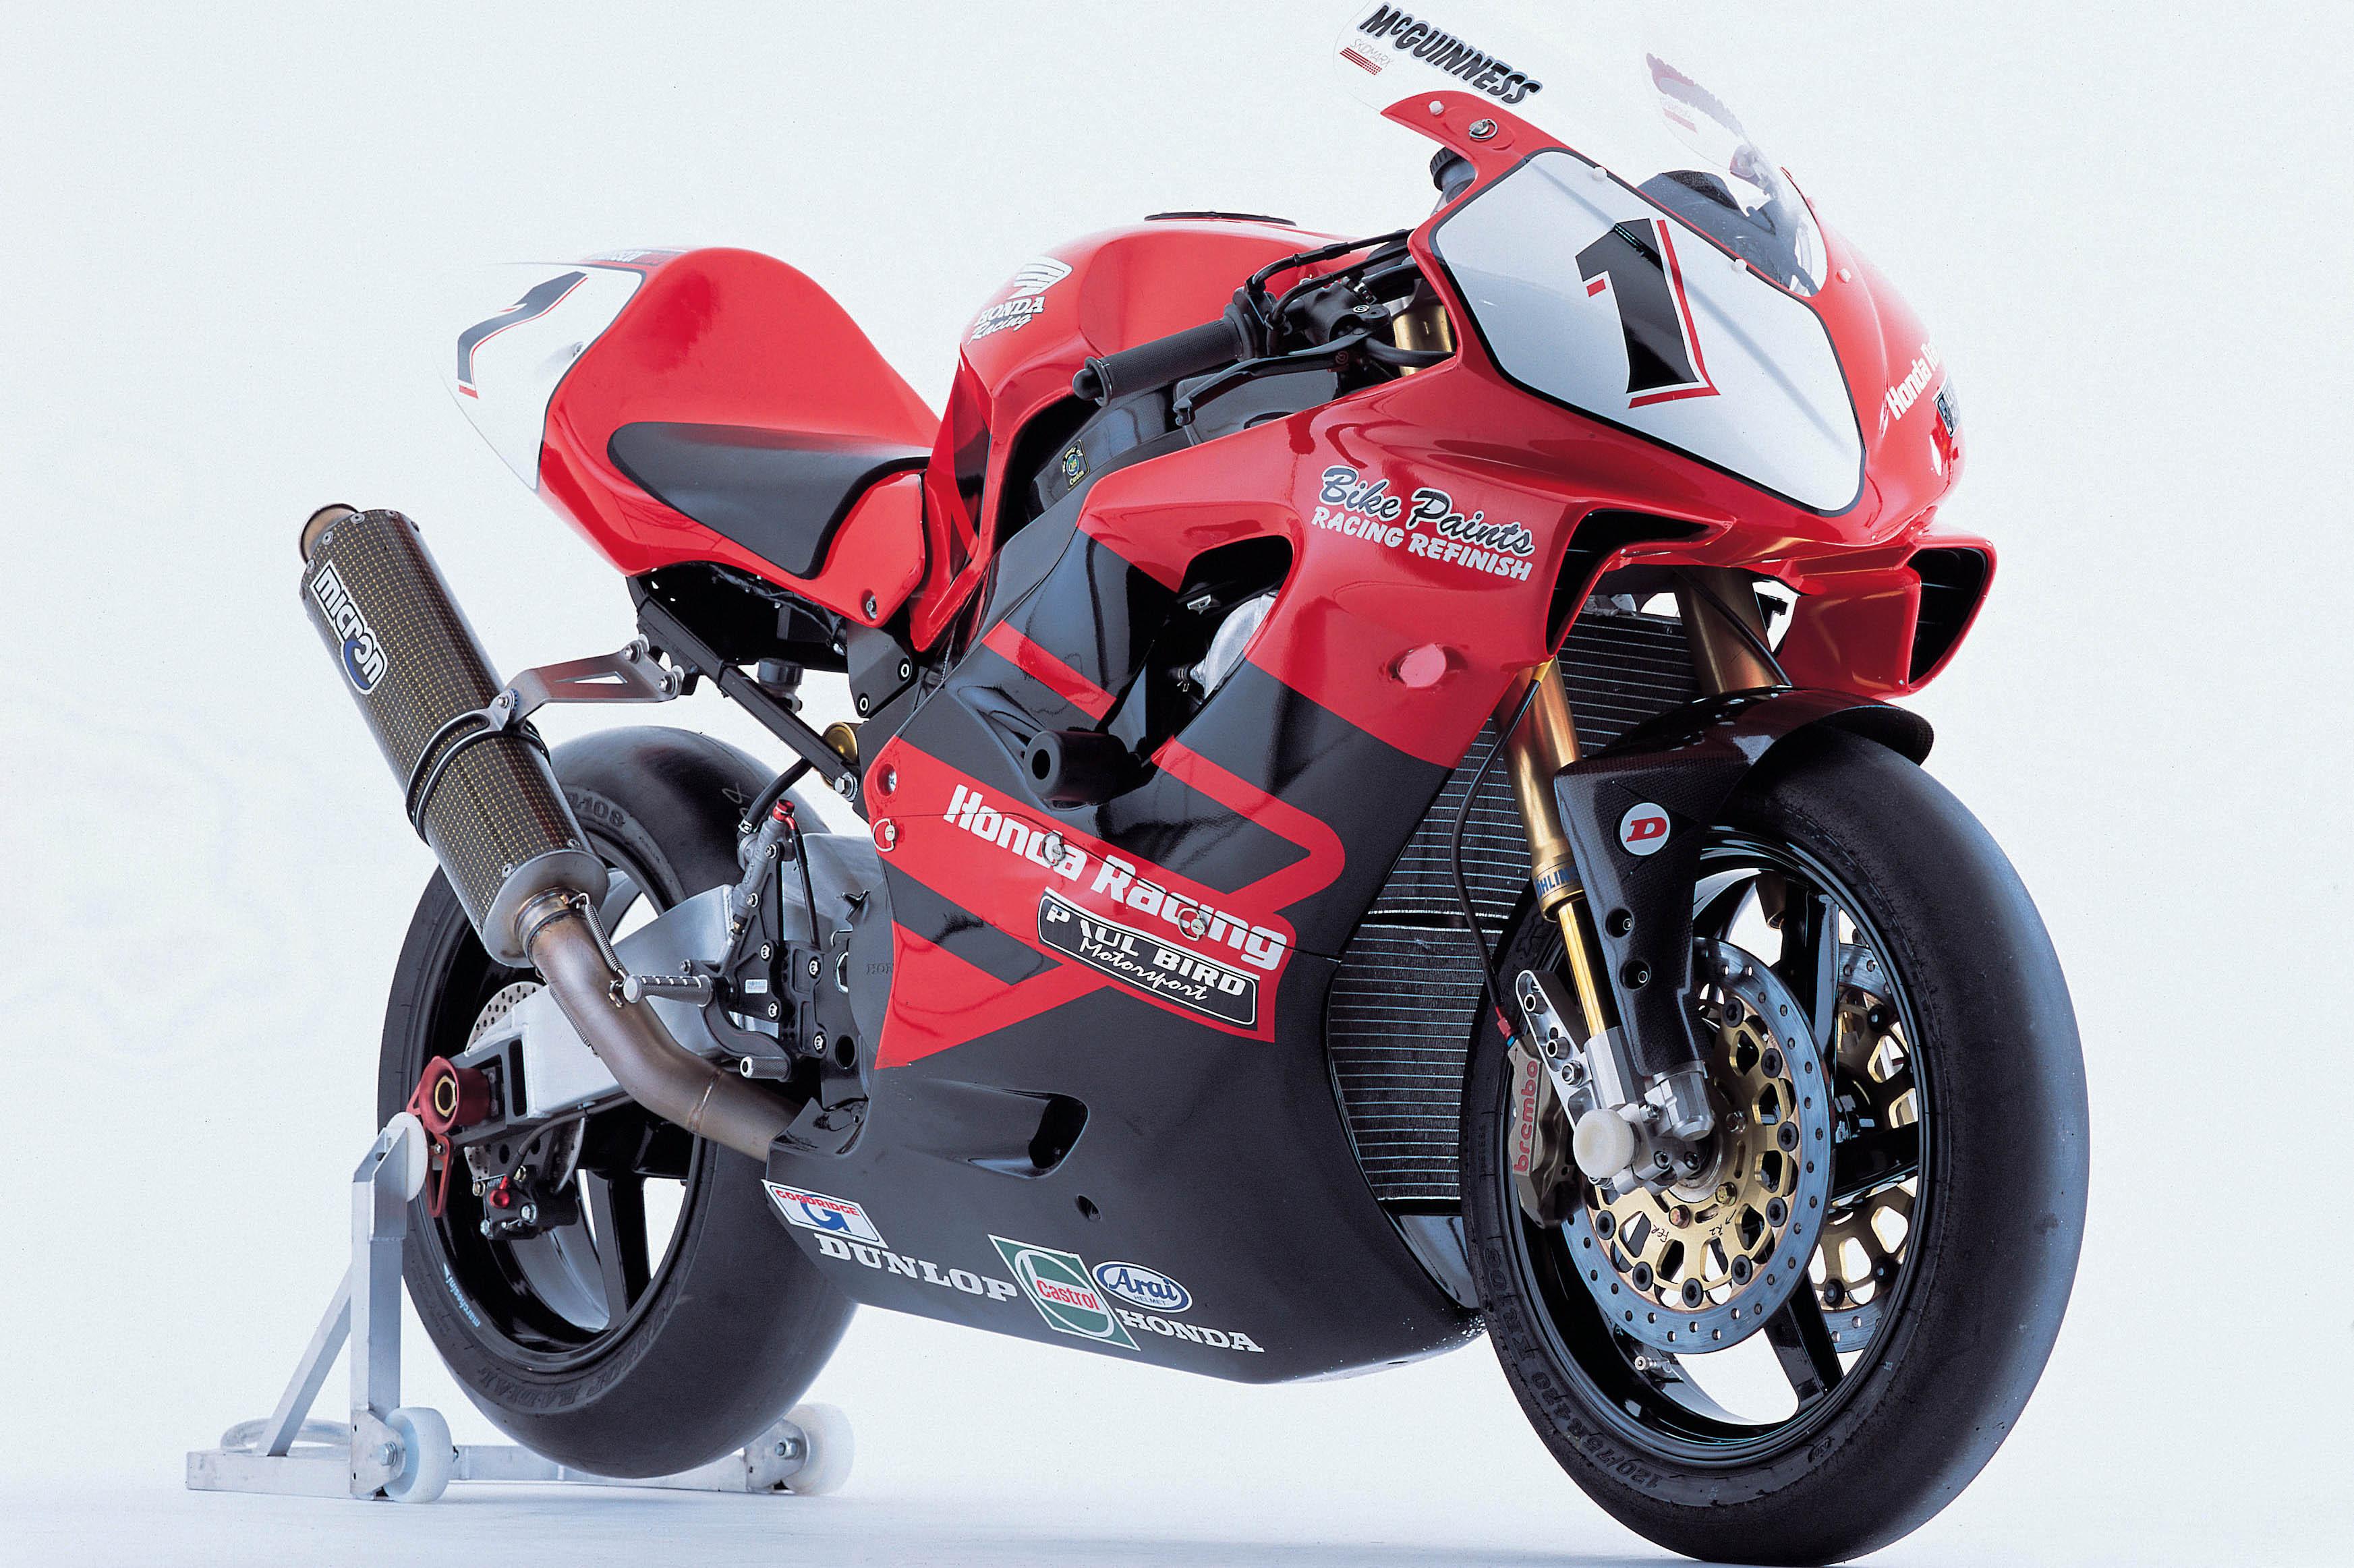 13955 - Honda CBR 954 RR